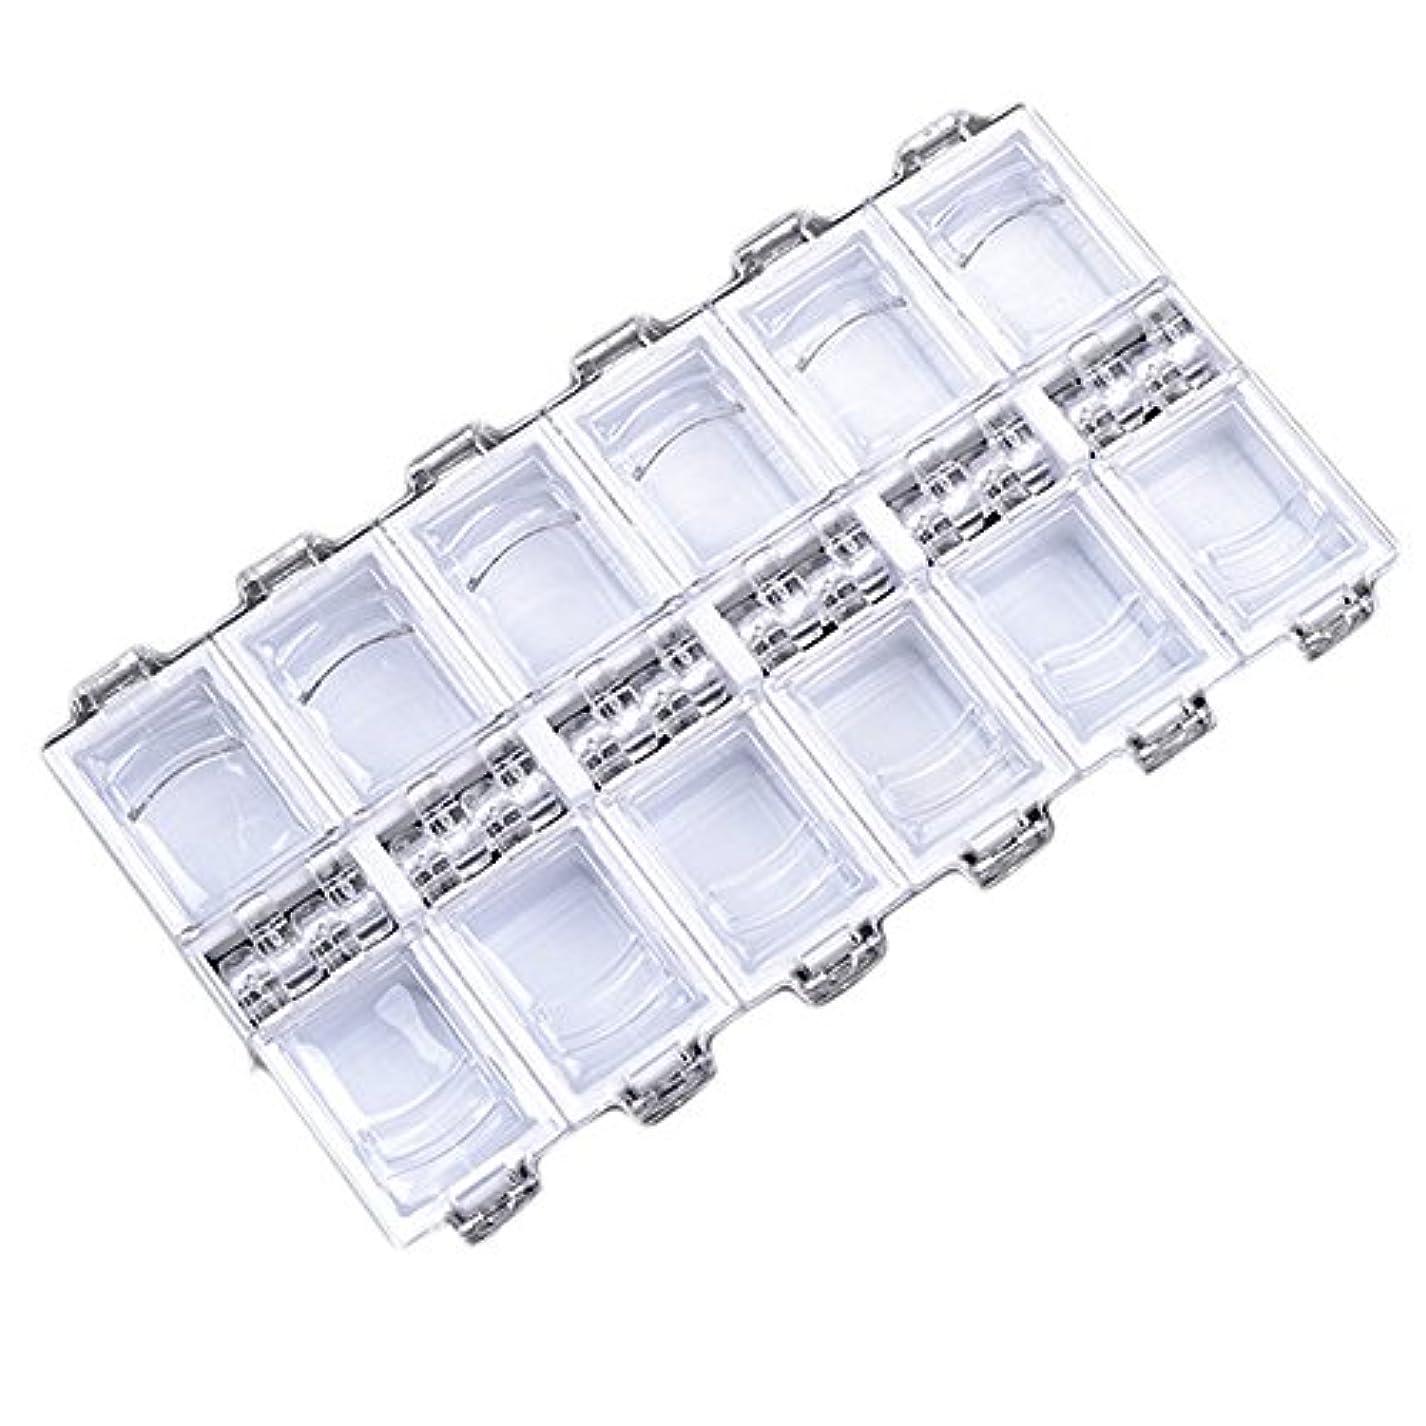 クルーズレンディションクラウド12グリッドファッション独立アクリルネイル装飾収納ボックス (WH)